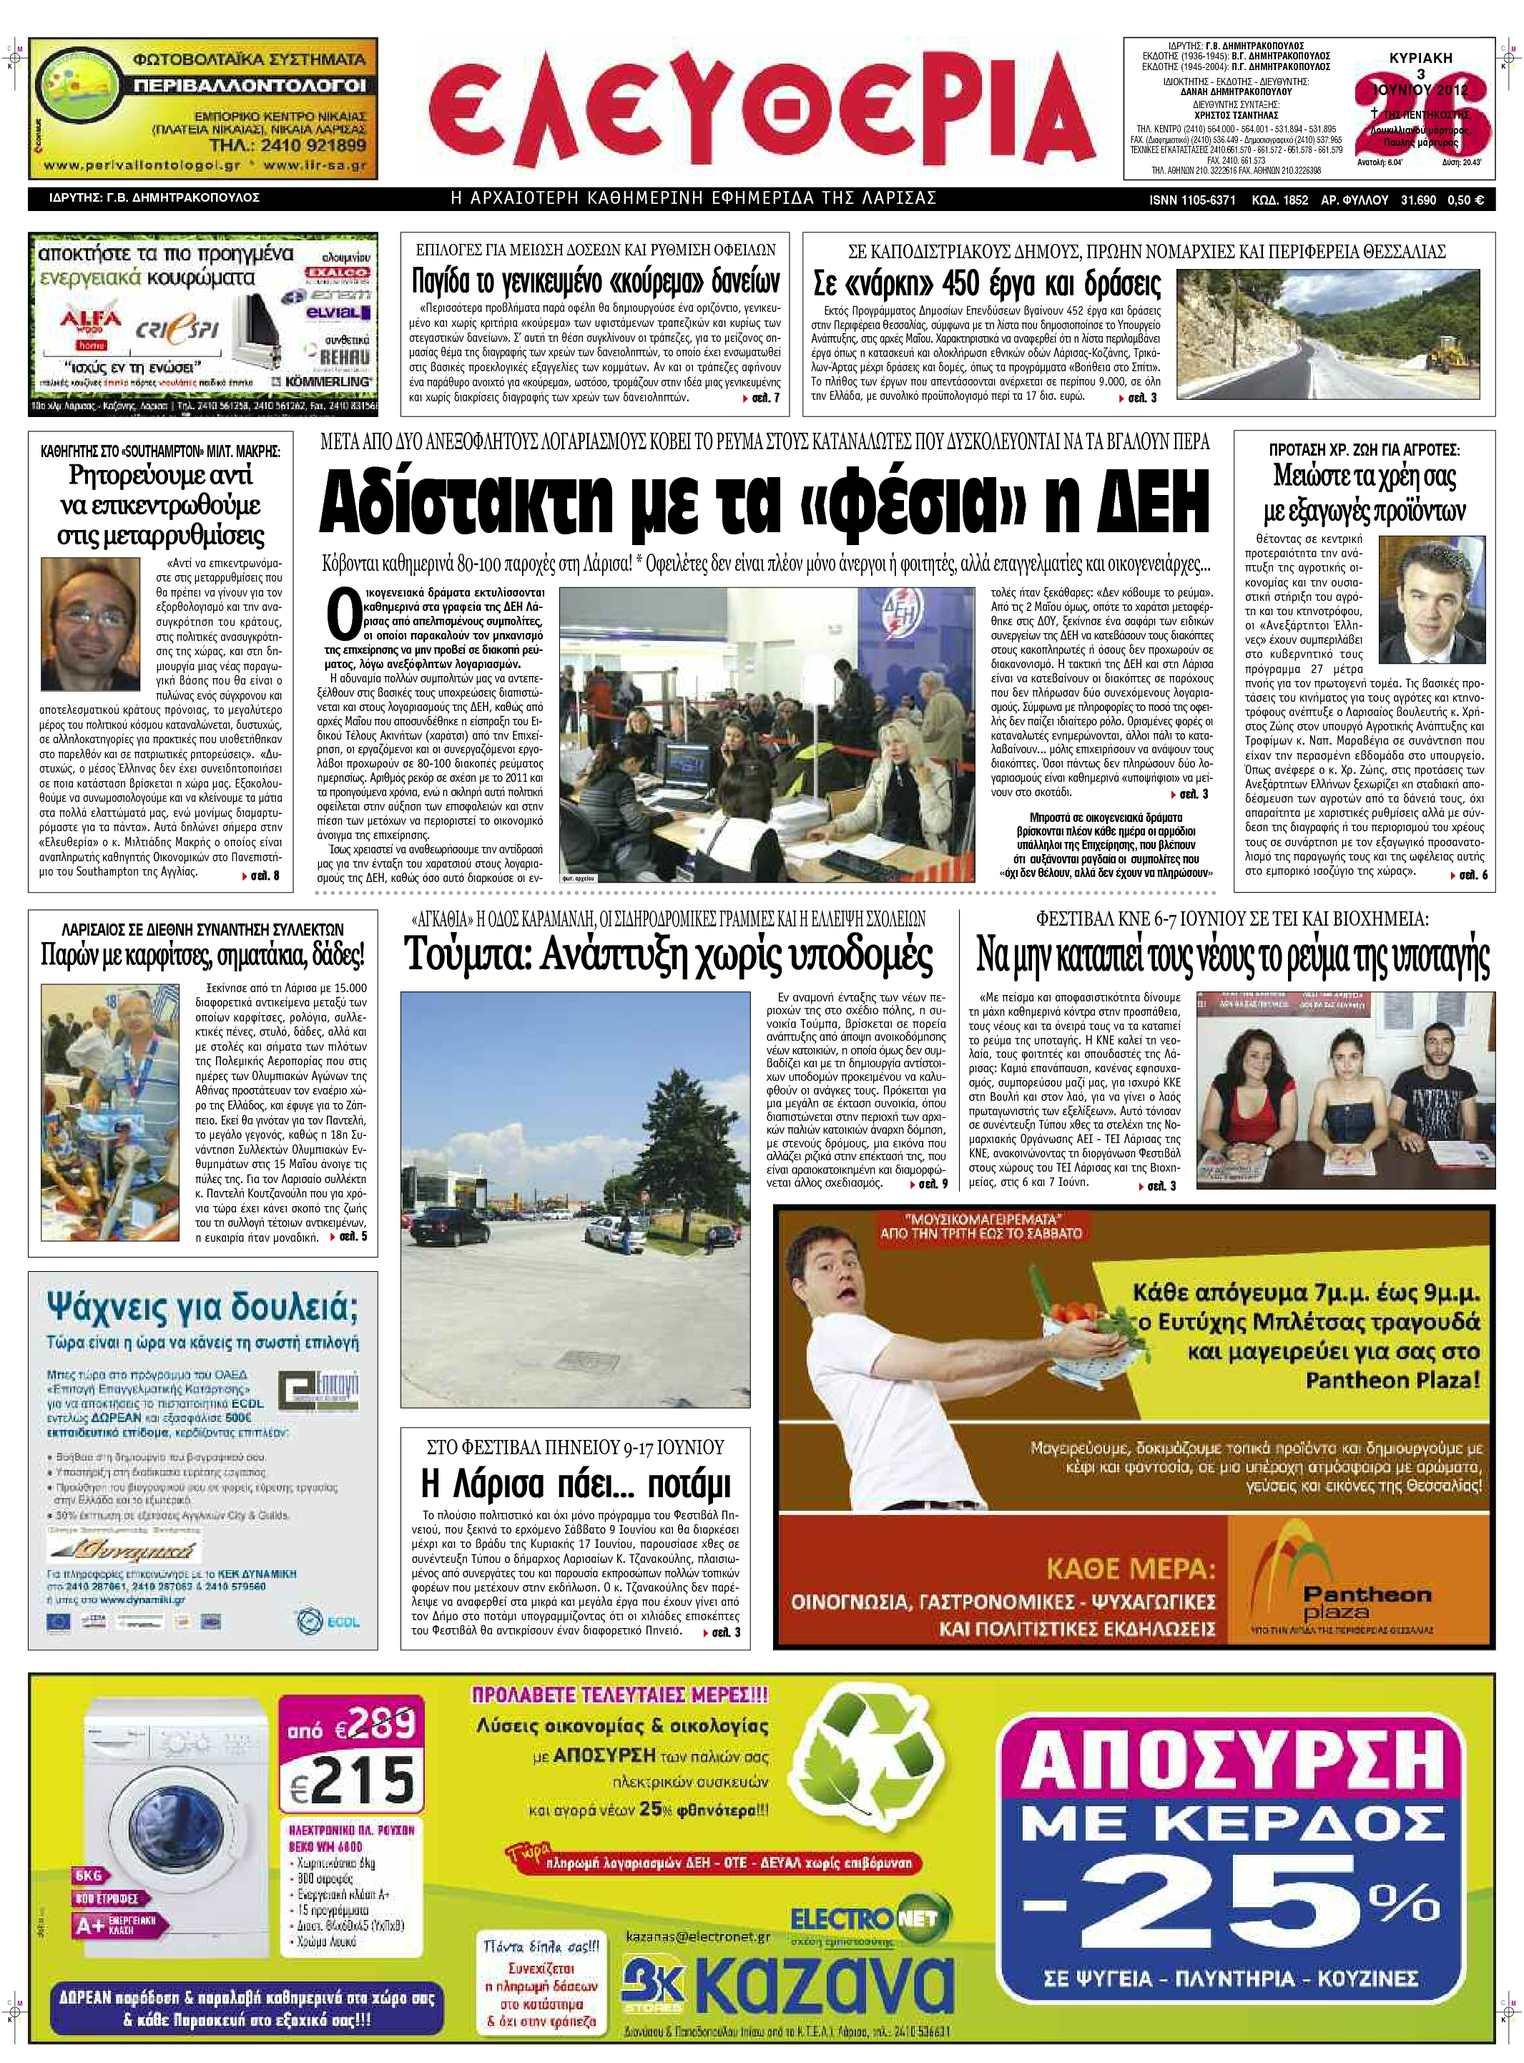 Calaméo - Eleftheria.gr 1 6 2012 e7822acea63